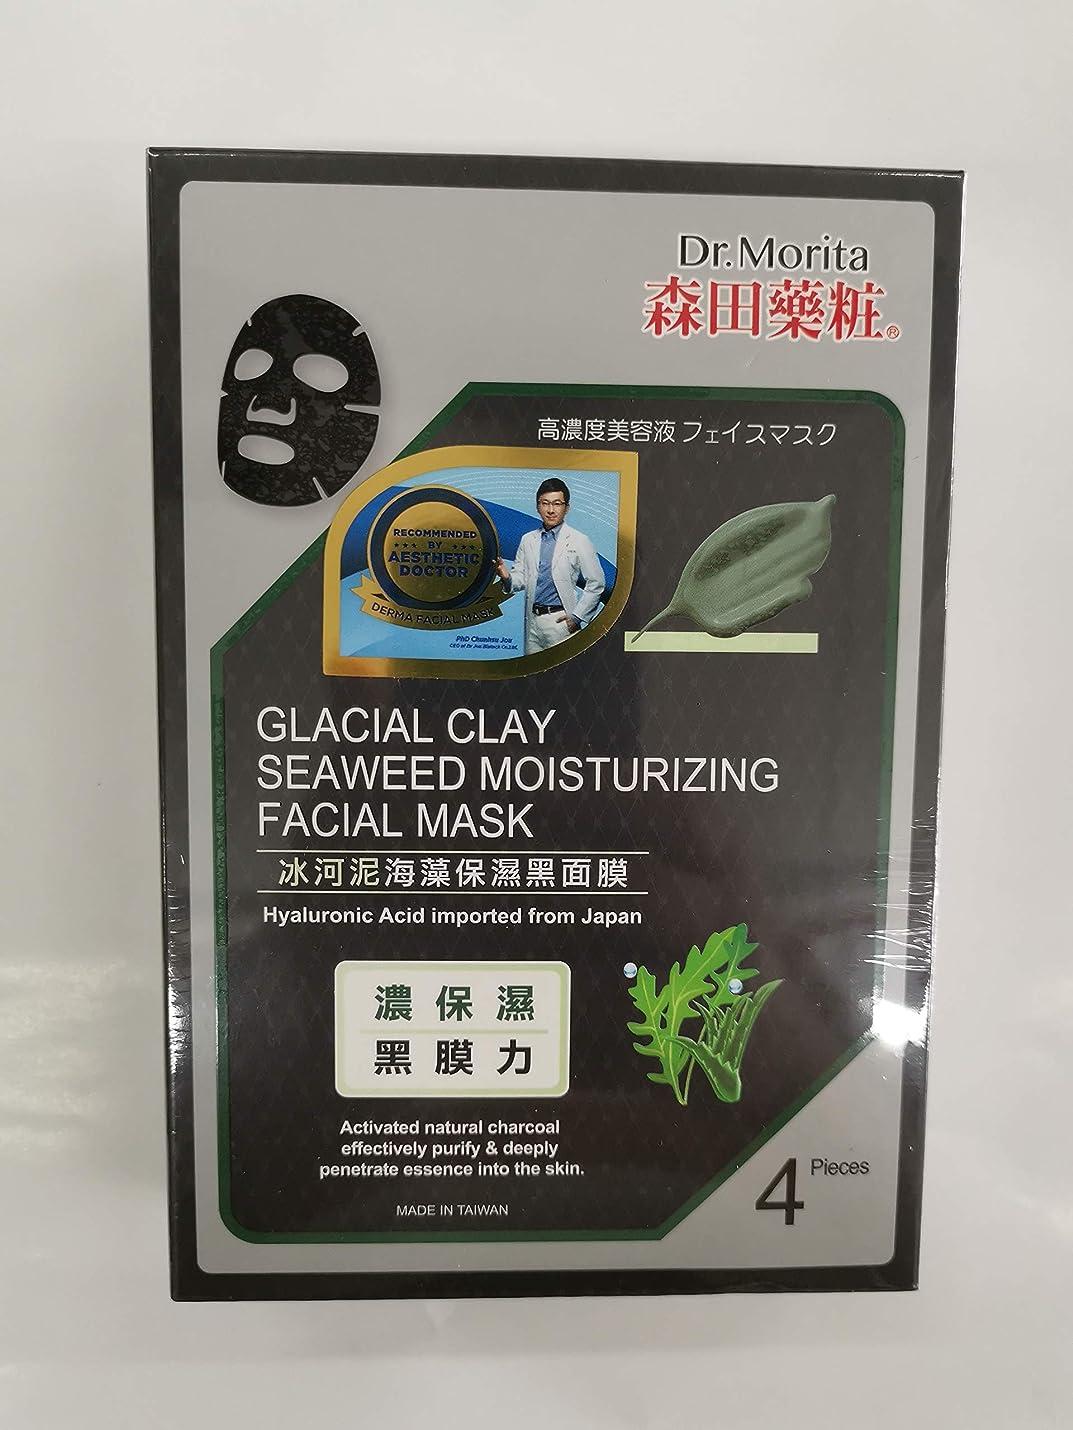 セント広範囲変えるDoctor Morita 氷のような粘土の海藻保湿フェイシャルマスク4 - 肌に深く入り、効果的に浄化し、肌に潤いを与え、弾力を保ちます